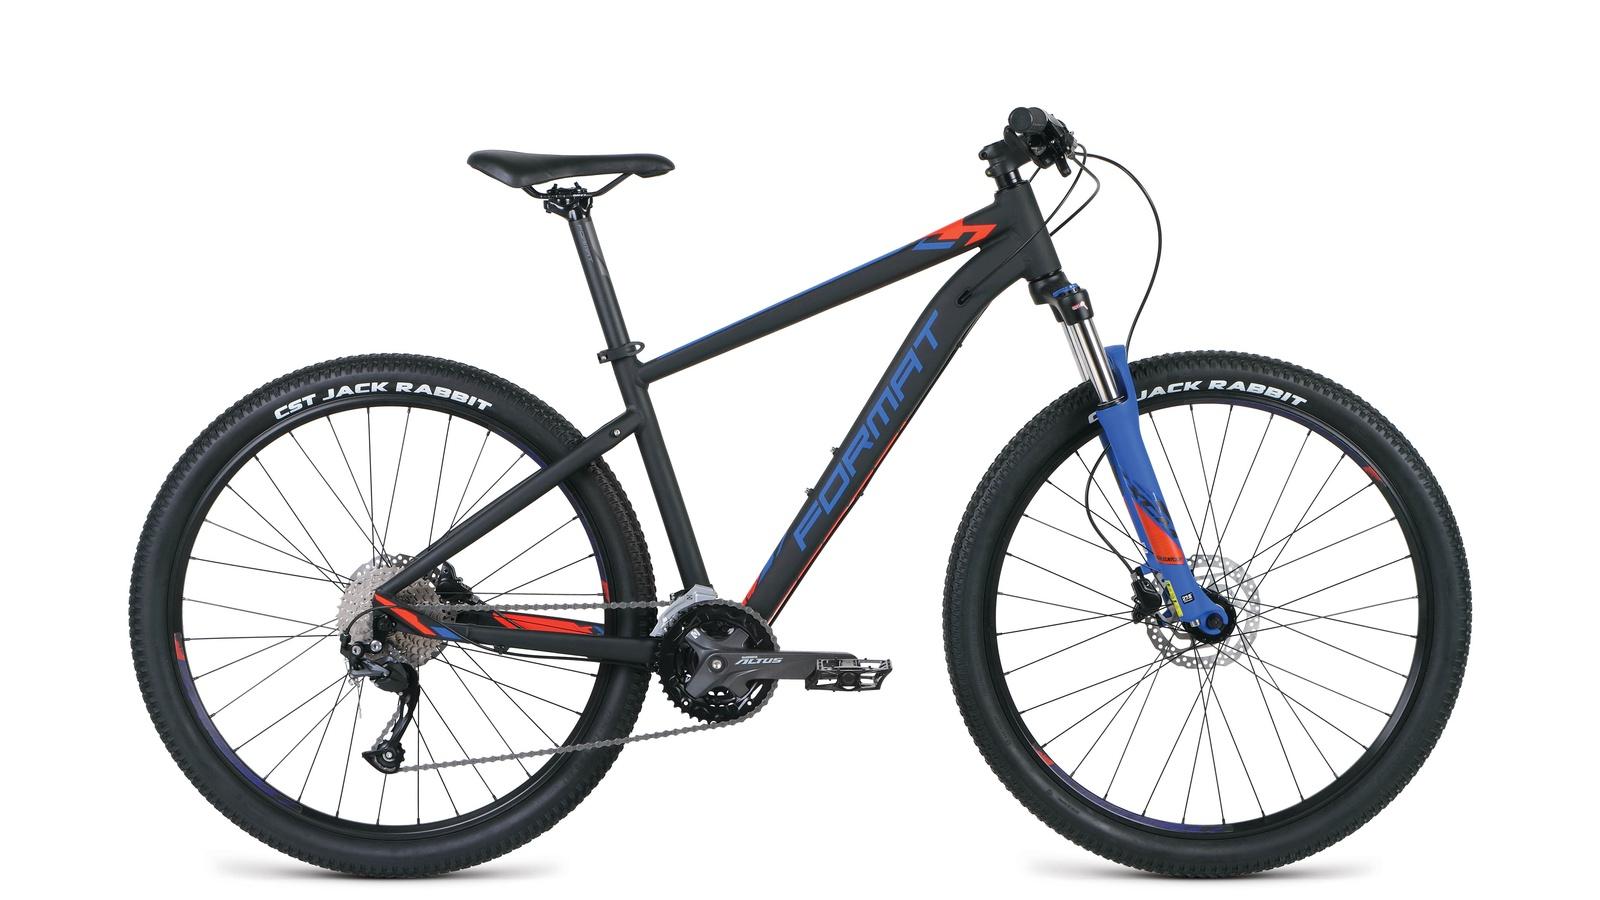 цена на Велосипед Format RBKM9M67S014, черный